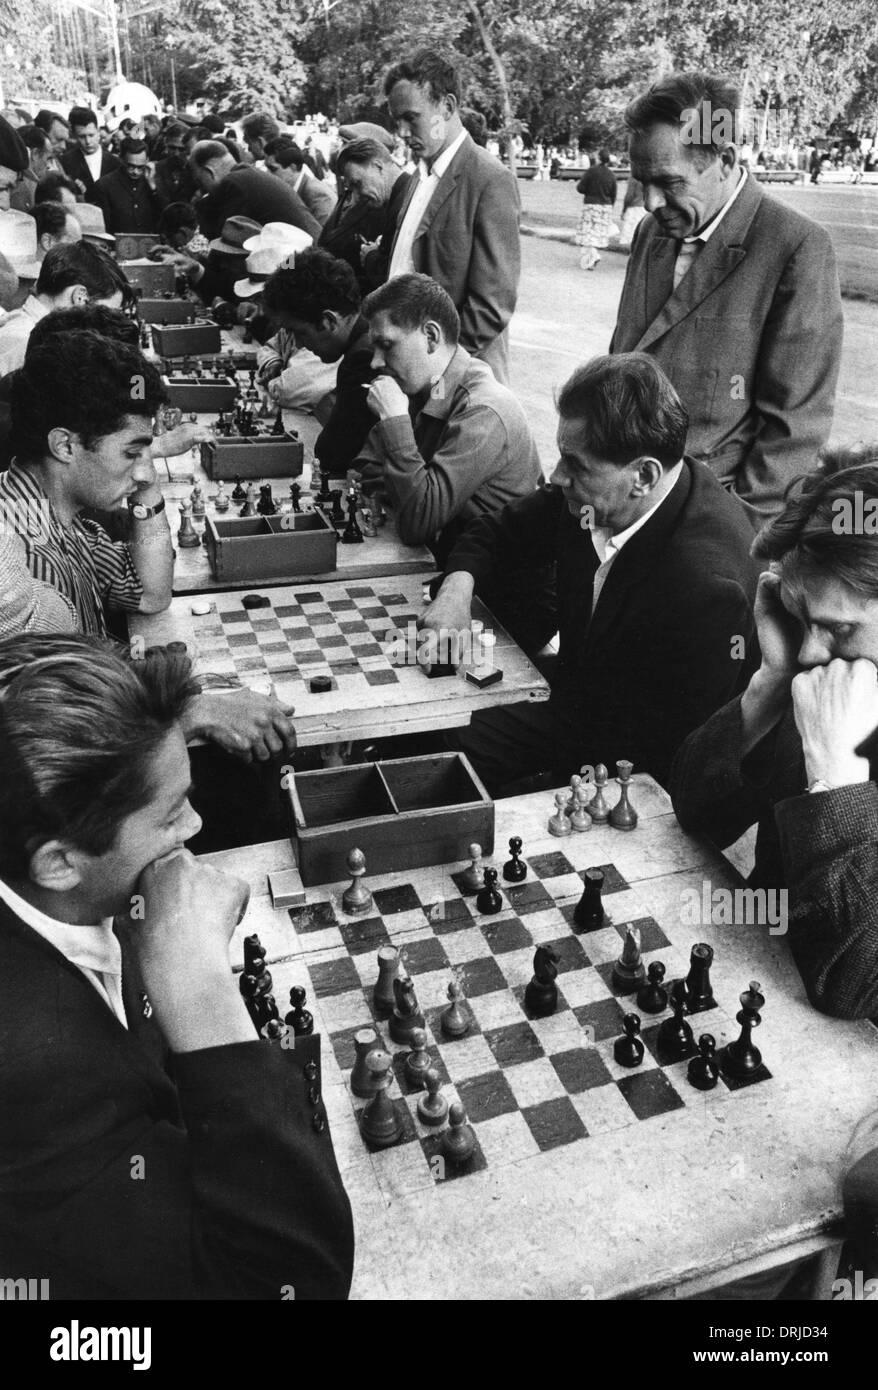 Les gens jouant aux échecs, le Parc Gorki, Moscou, Russie Banque D'Images